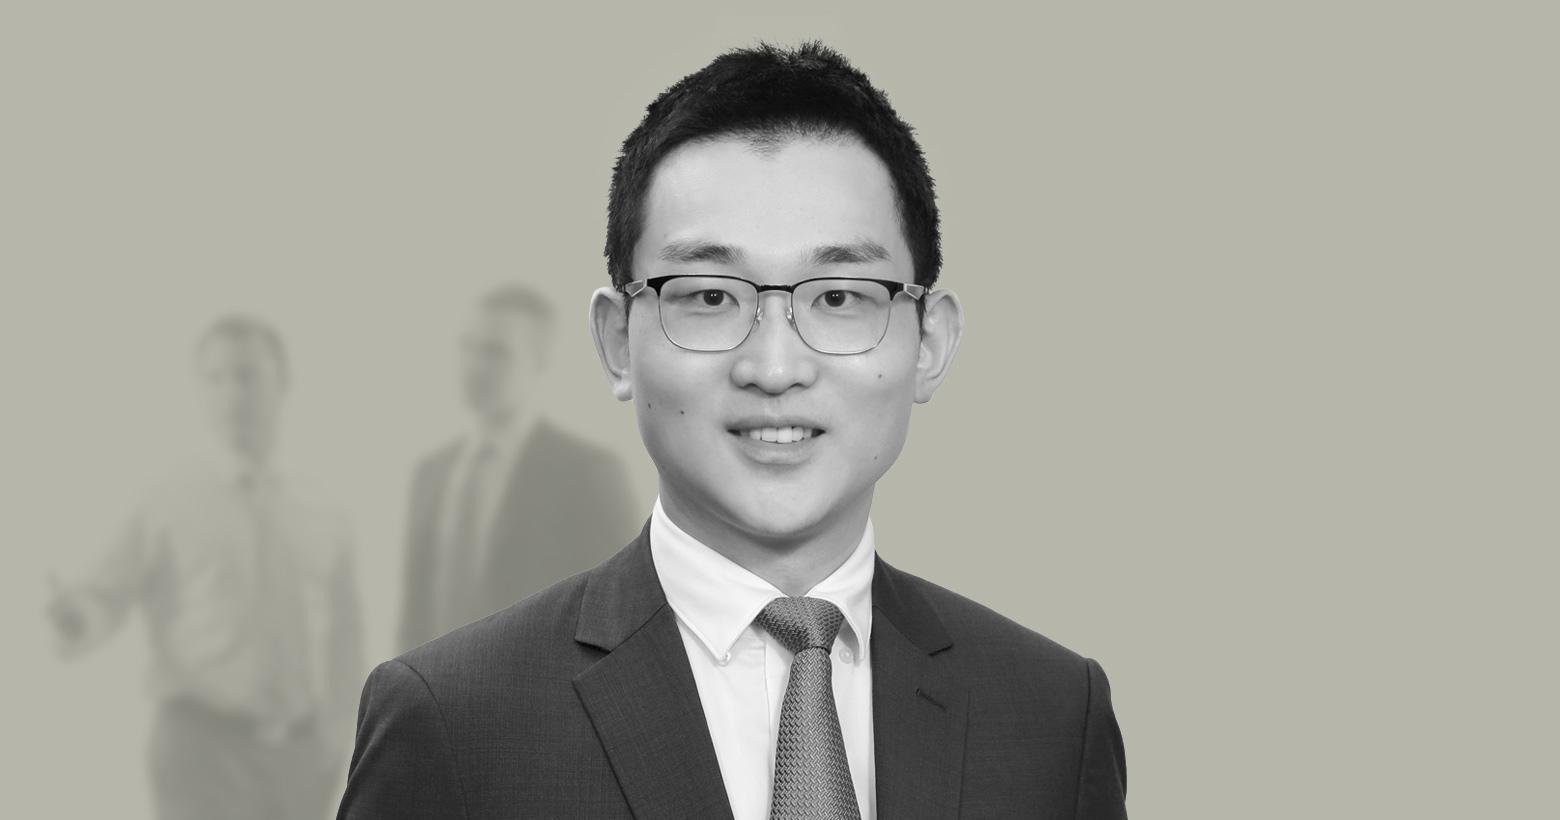 Justin Xi Guo